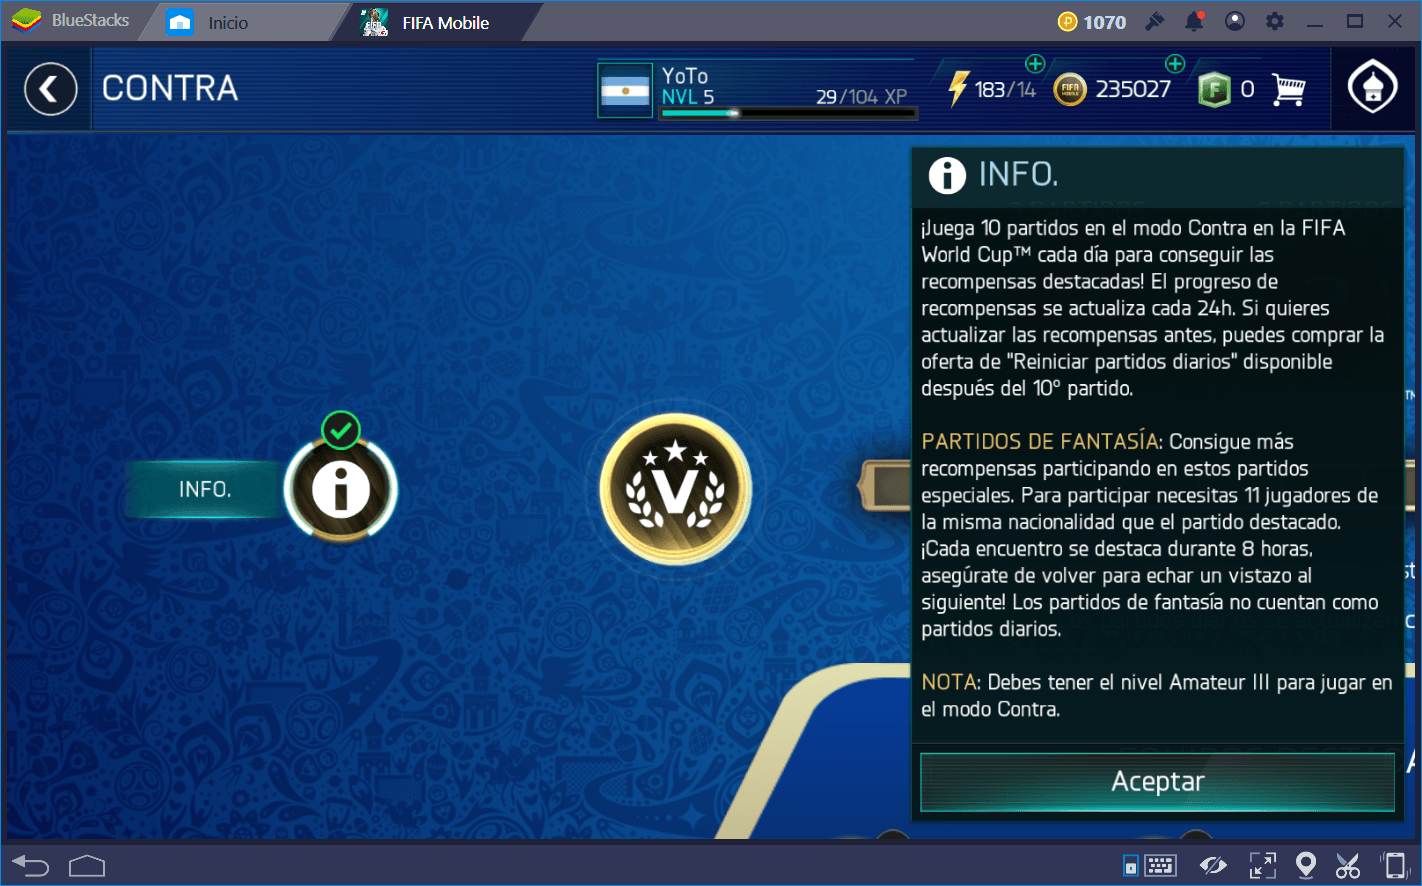 Guía Para El Evento del Mundial en FIFA Fútbol: FIFA World Cup (FIFA Mobile)